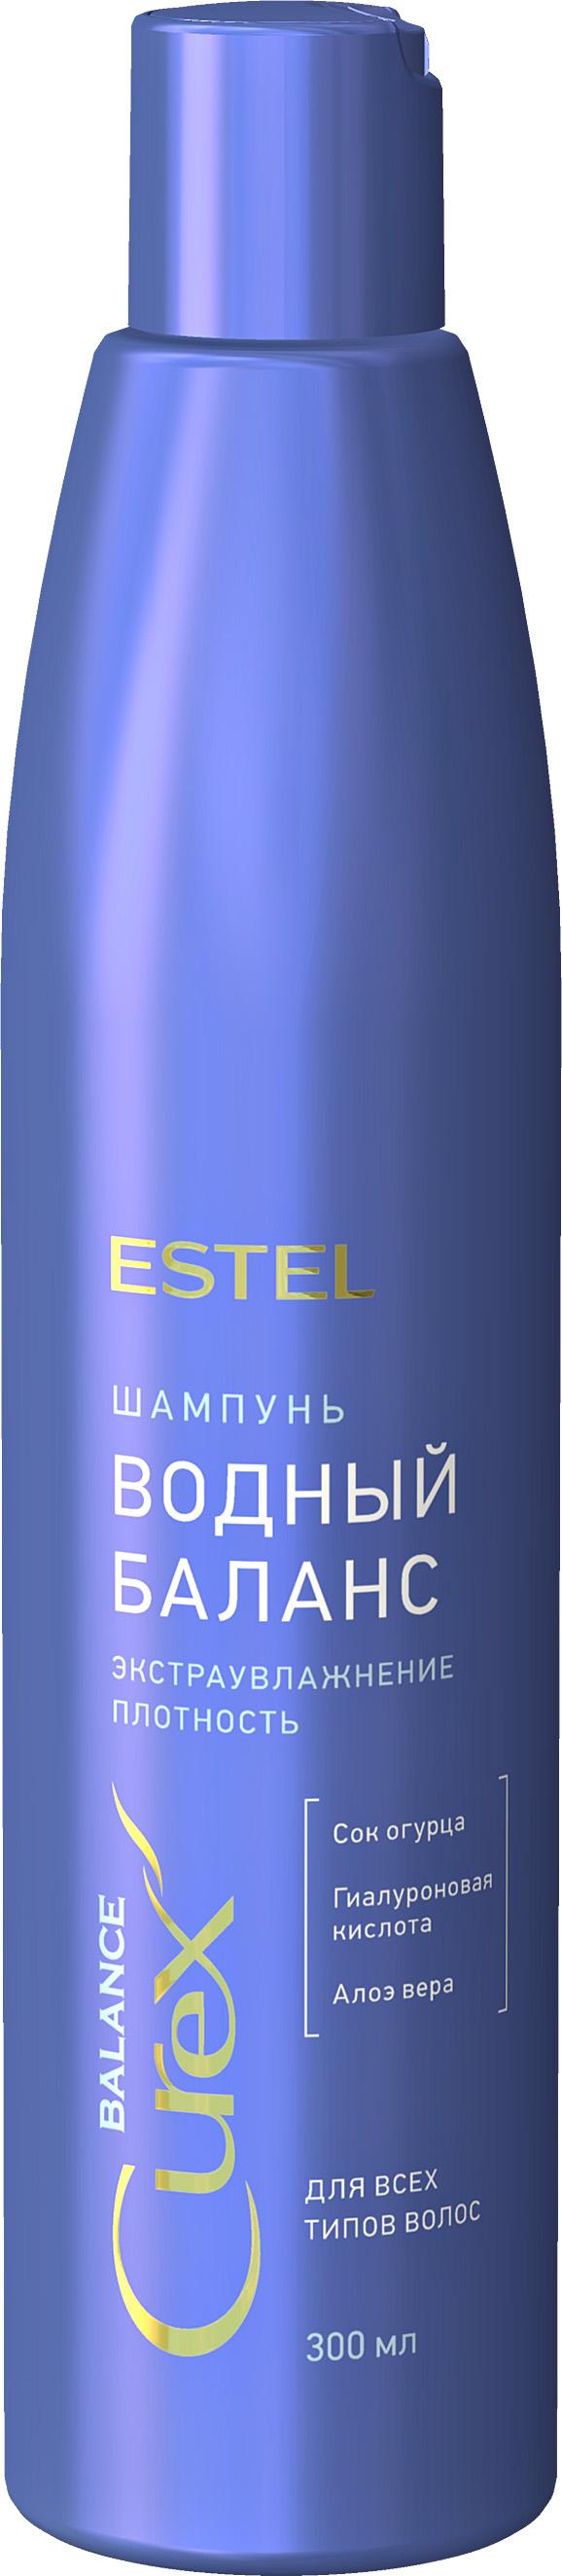 ESTEL PROFESSIONAL Шампунь для всех типов волос Водный баланс / CUREX BALANCE 300 мл